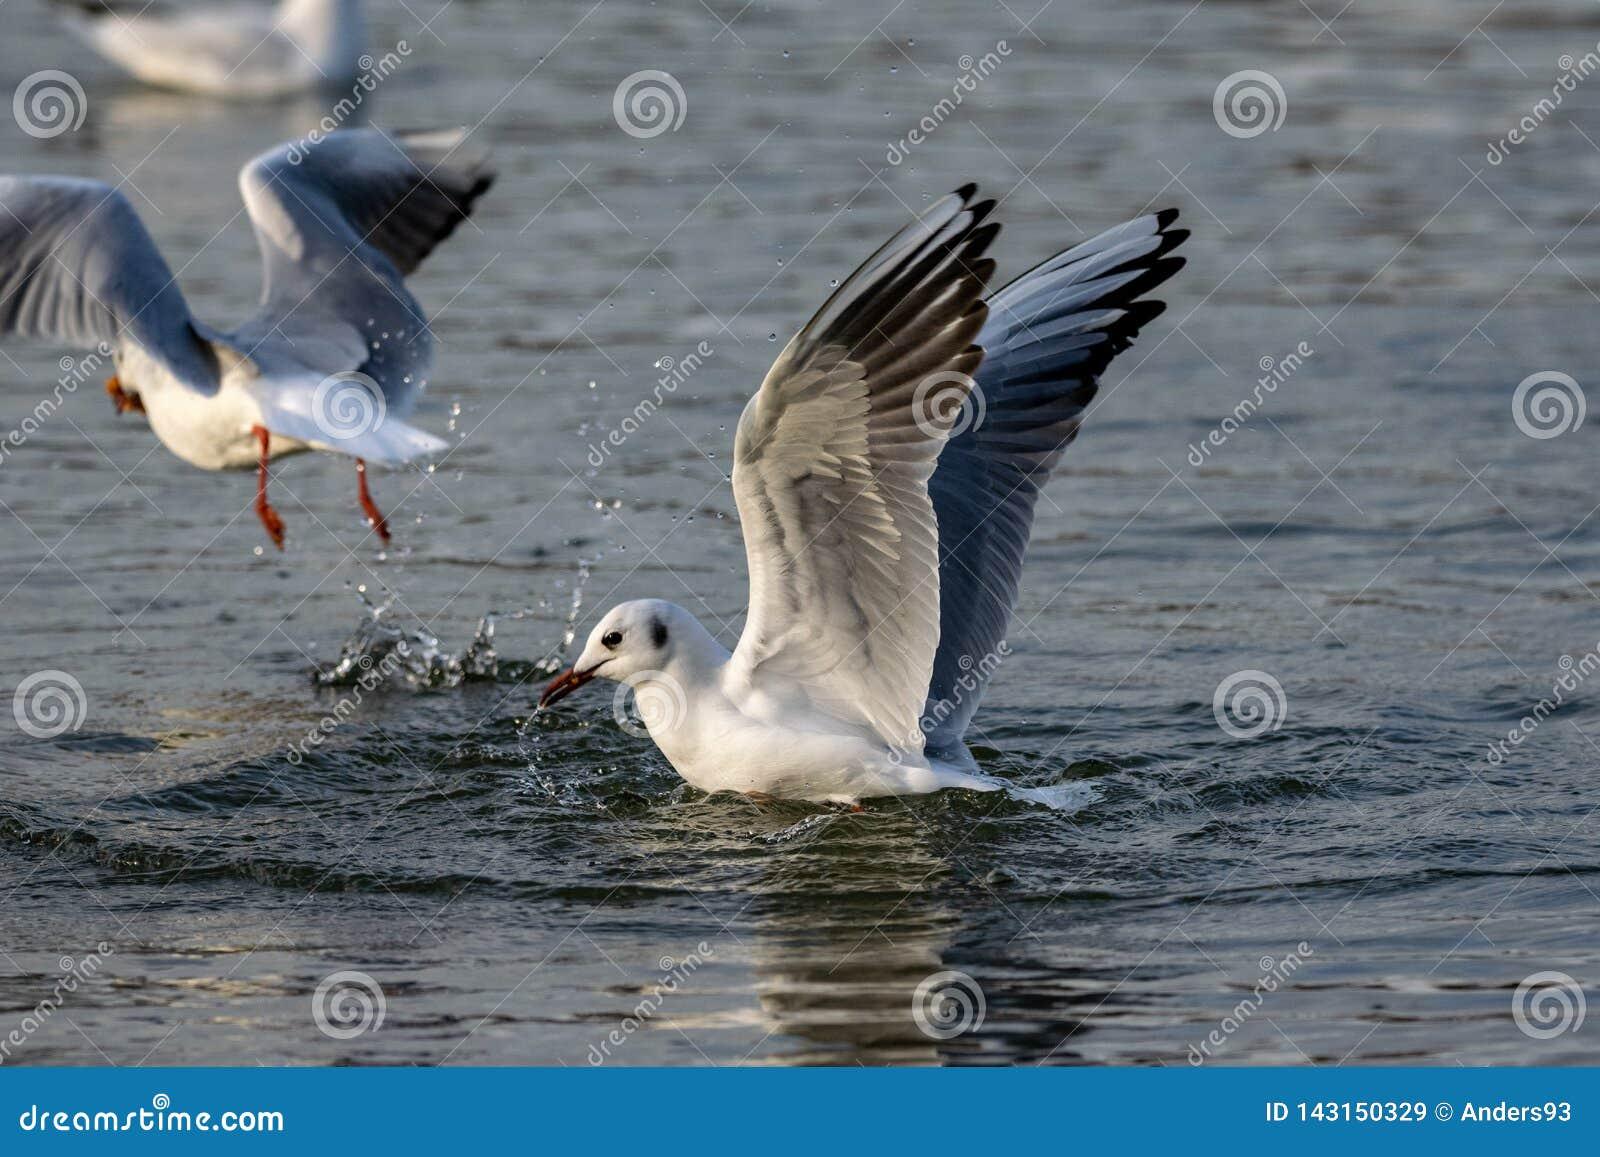 Μαυροκέφαλος γλάρος στο χειμερινό φτέρωμα που προσγειώνεται στο νερό